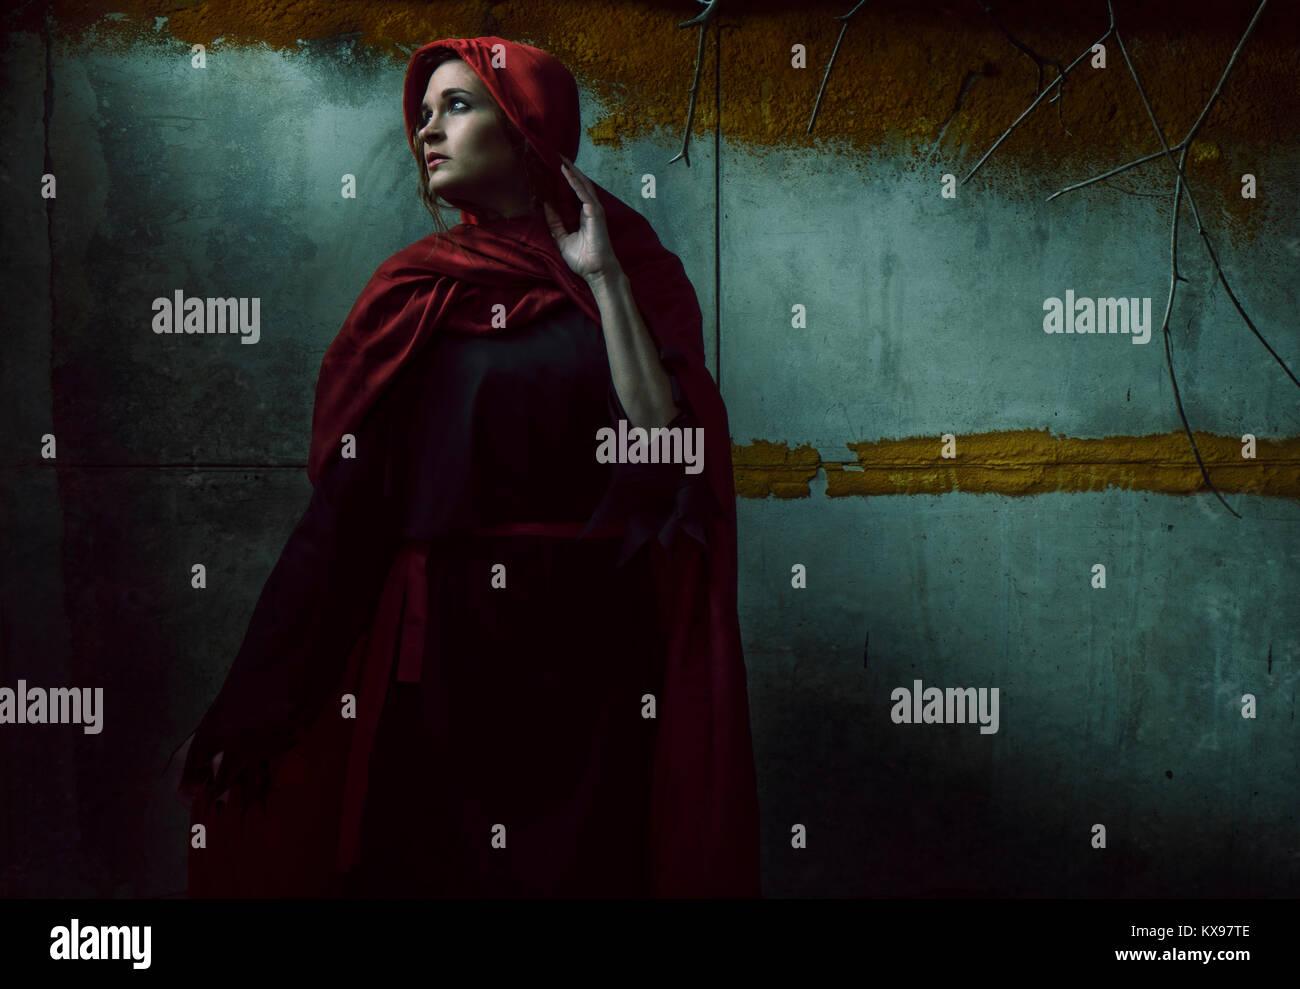 Mujer joven envuelta en Cabo rojo y capucha Imagen De Stock